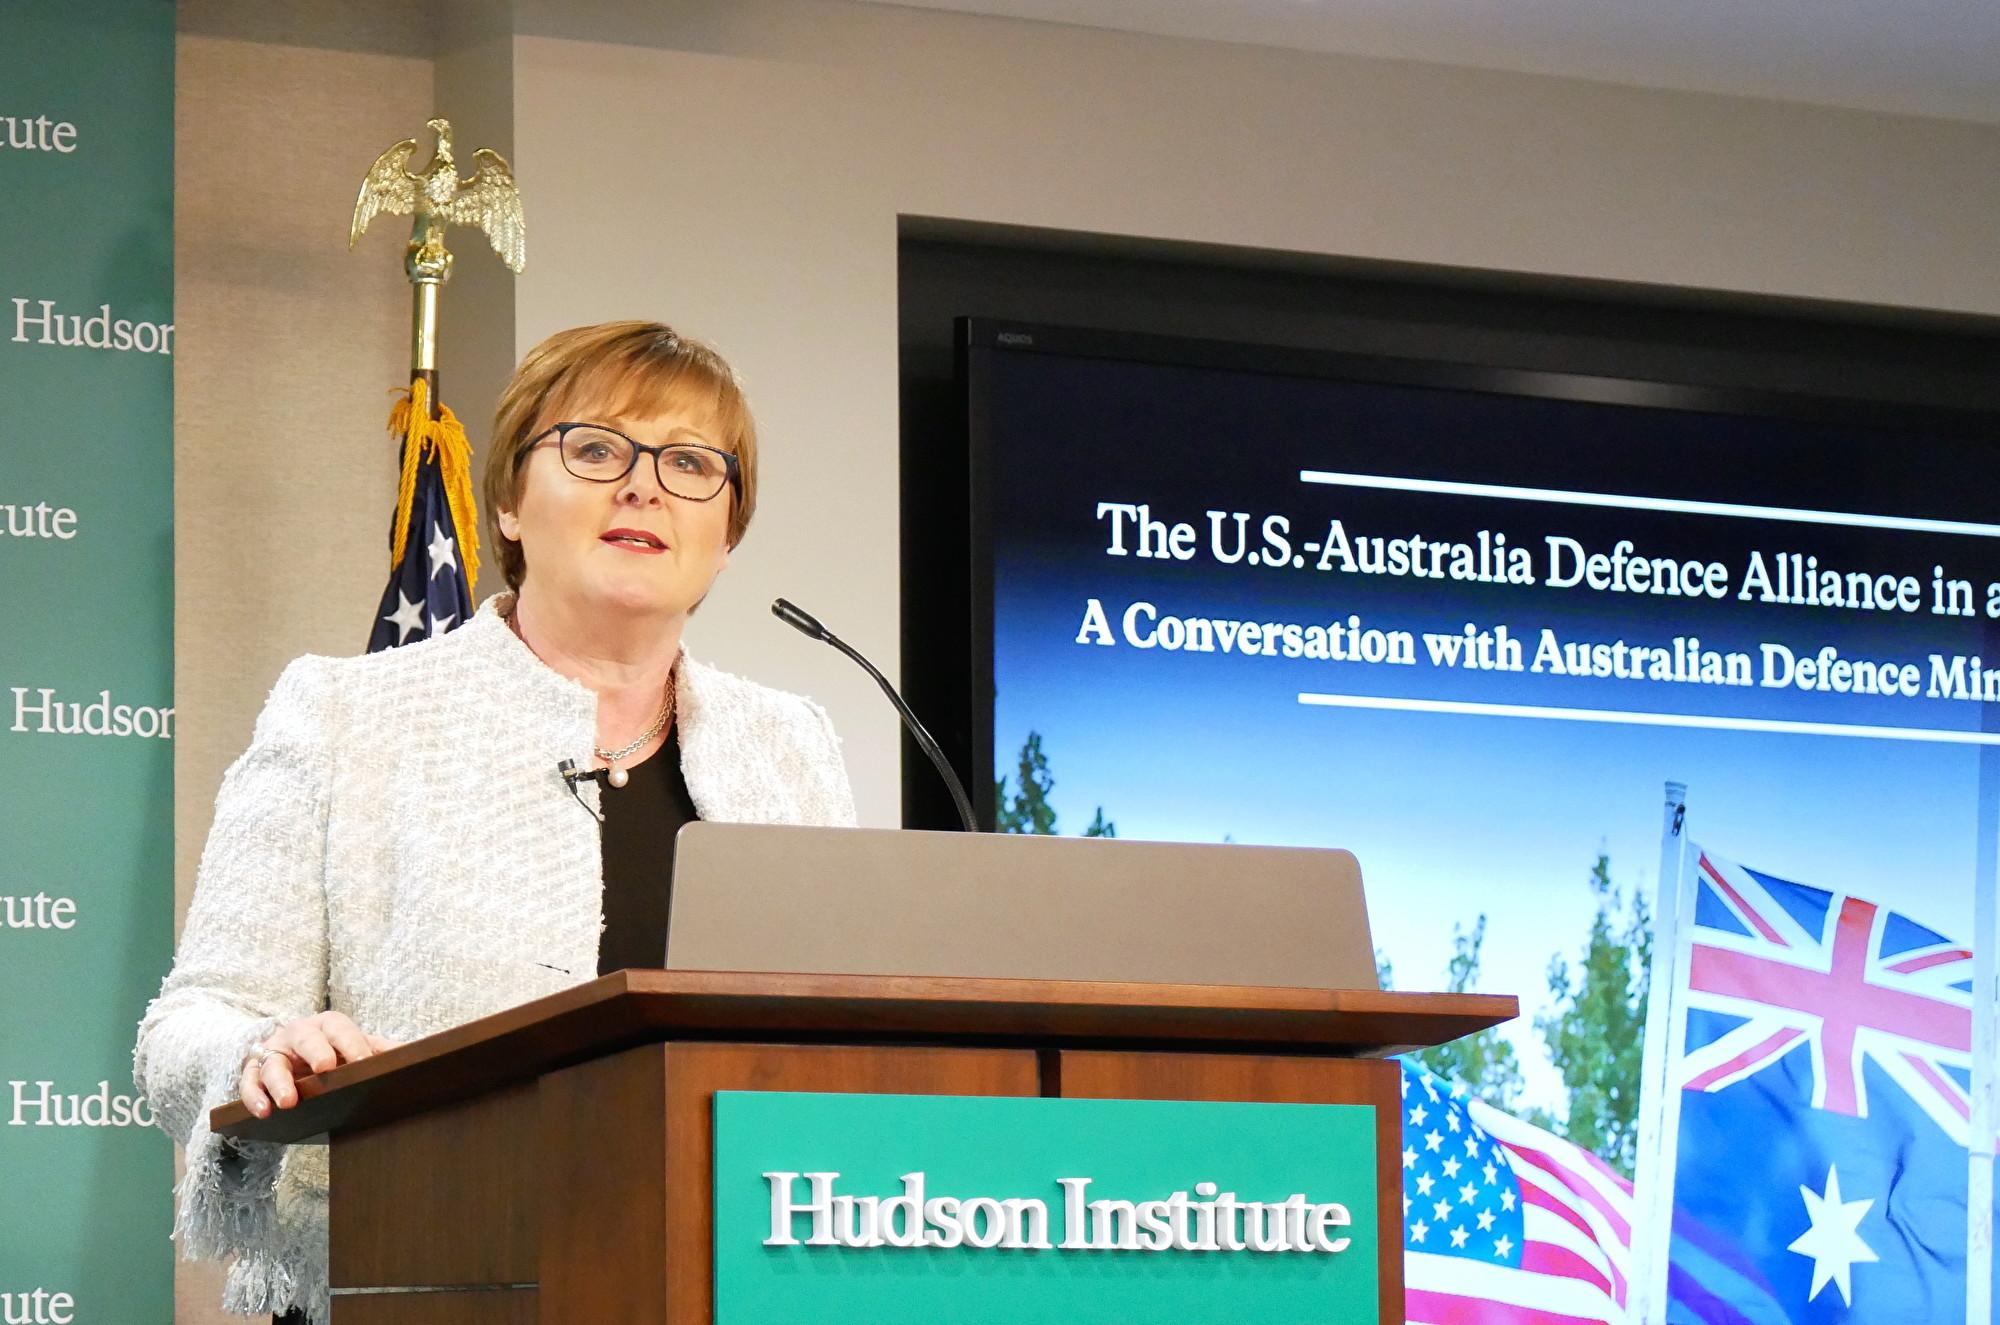 澳洲批評中共侵犯人權 立場明確 不退縮